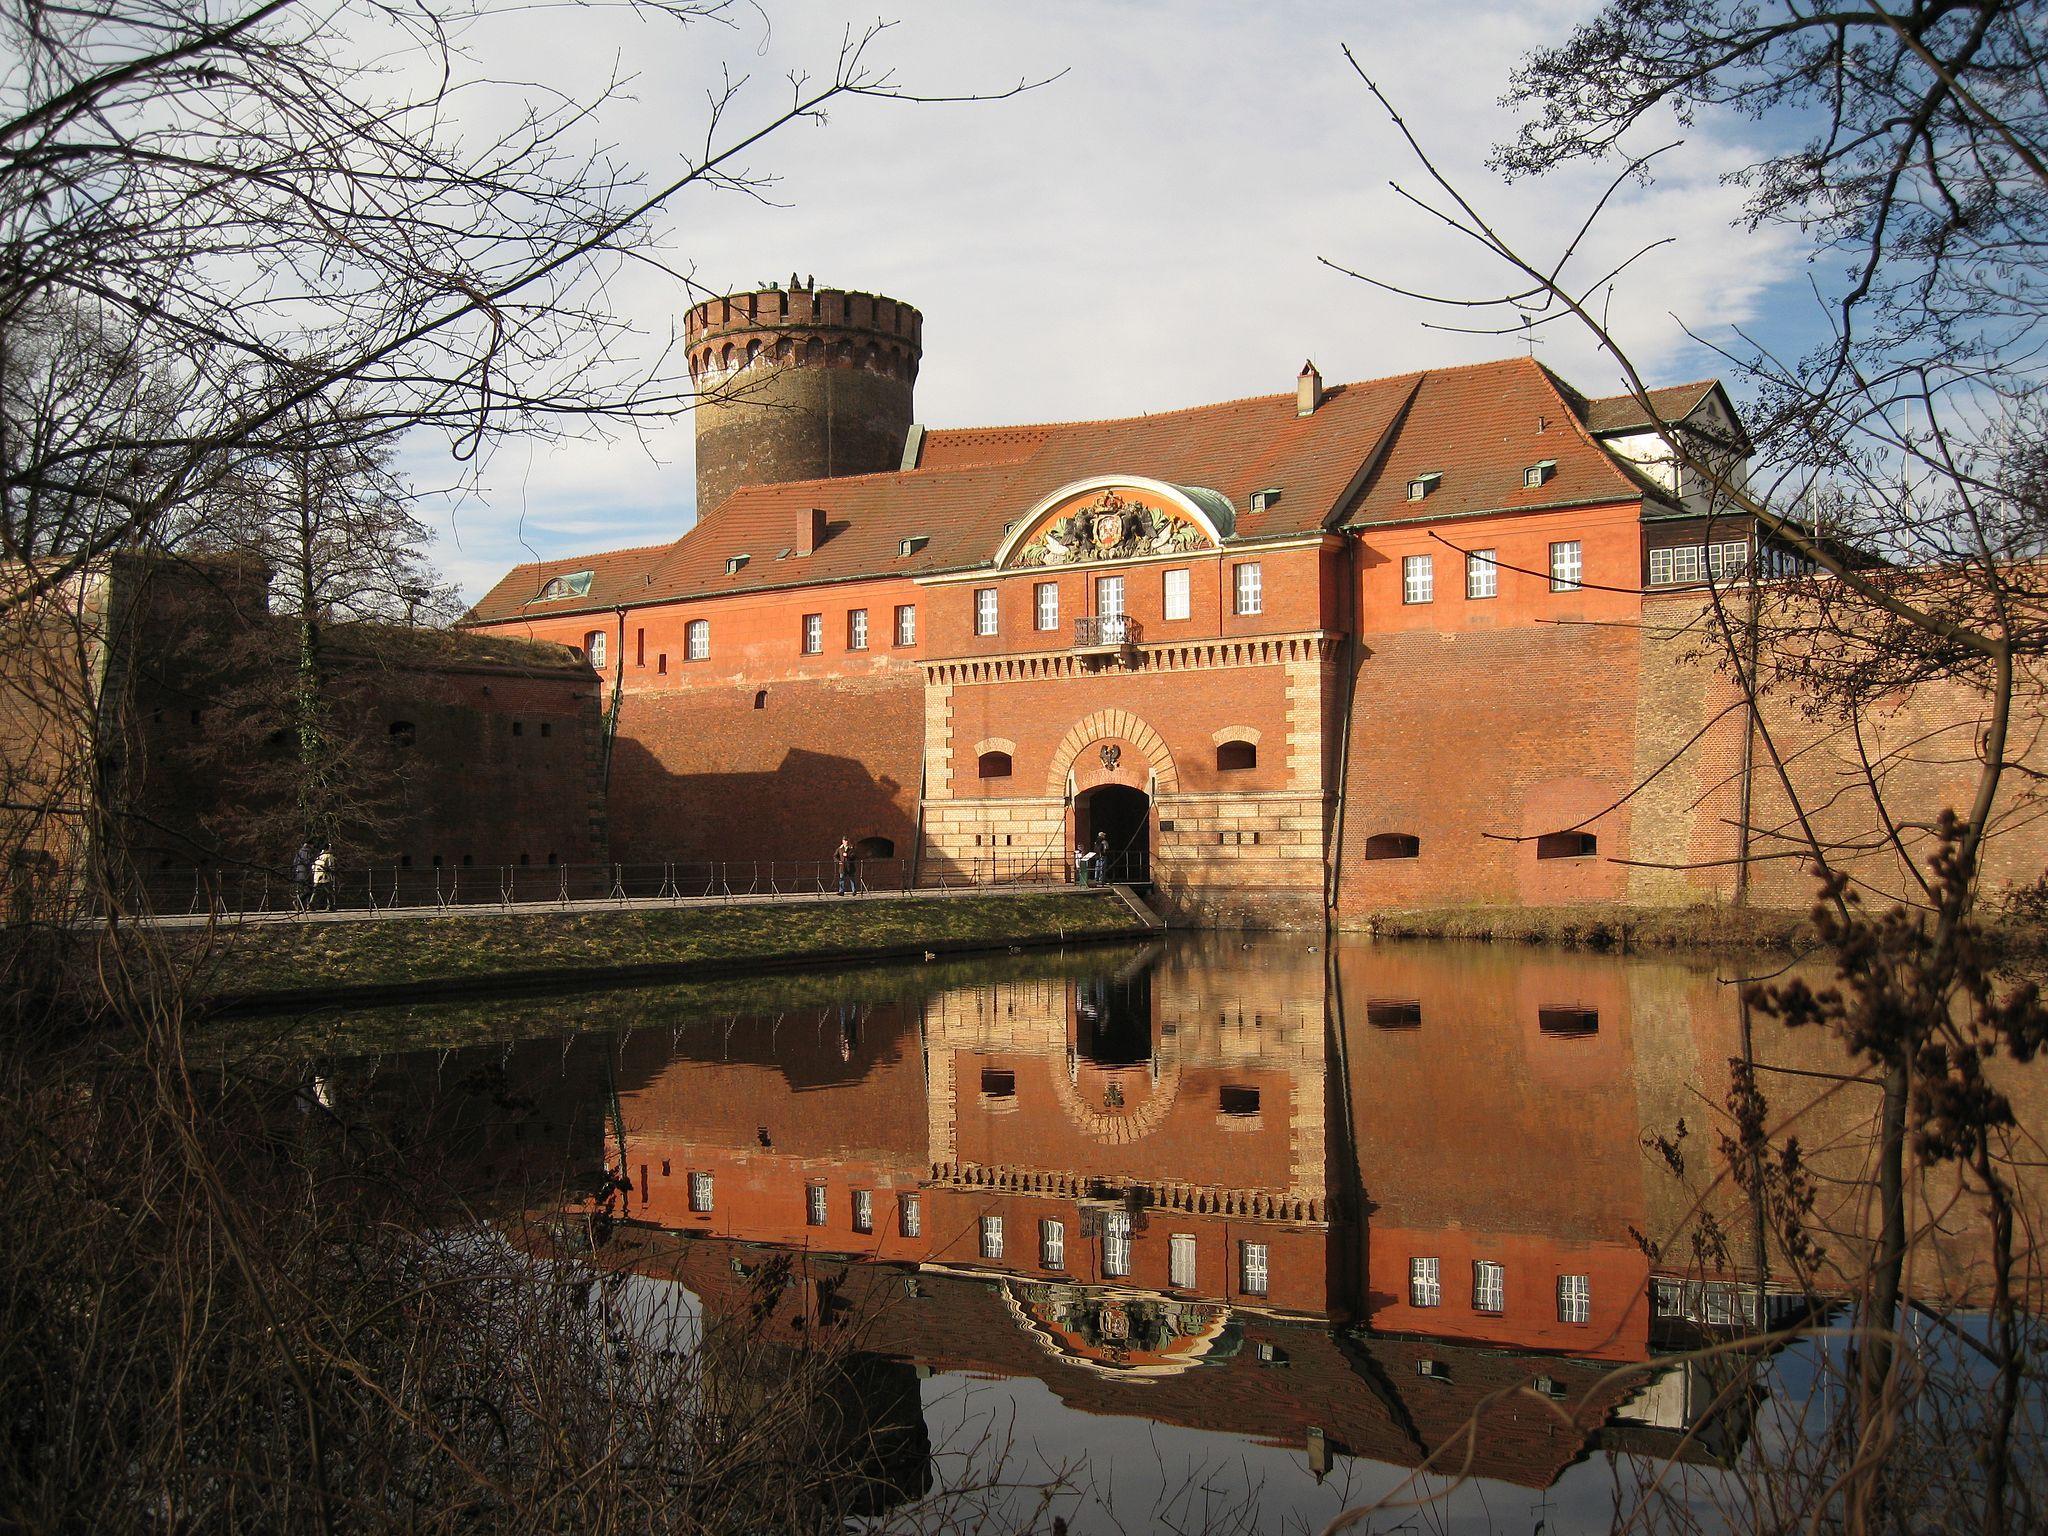 Zitadelle Spandau